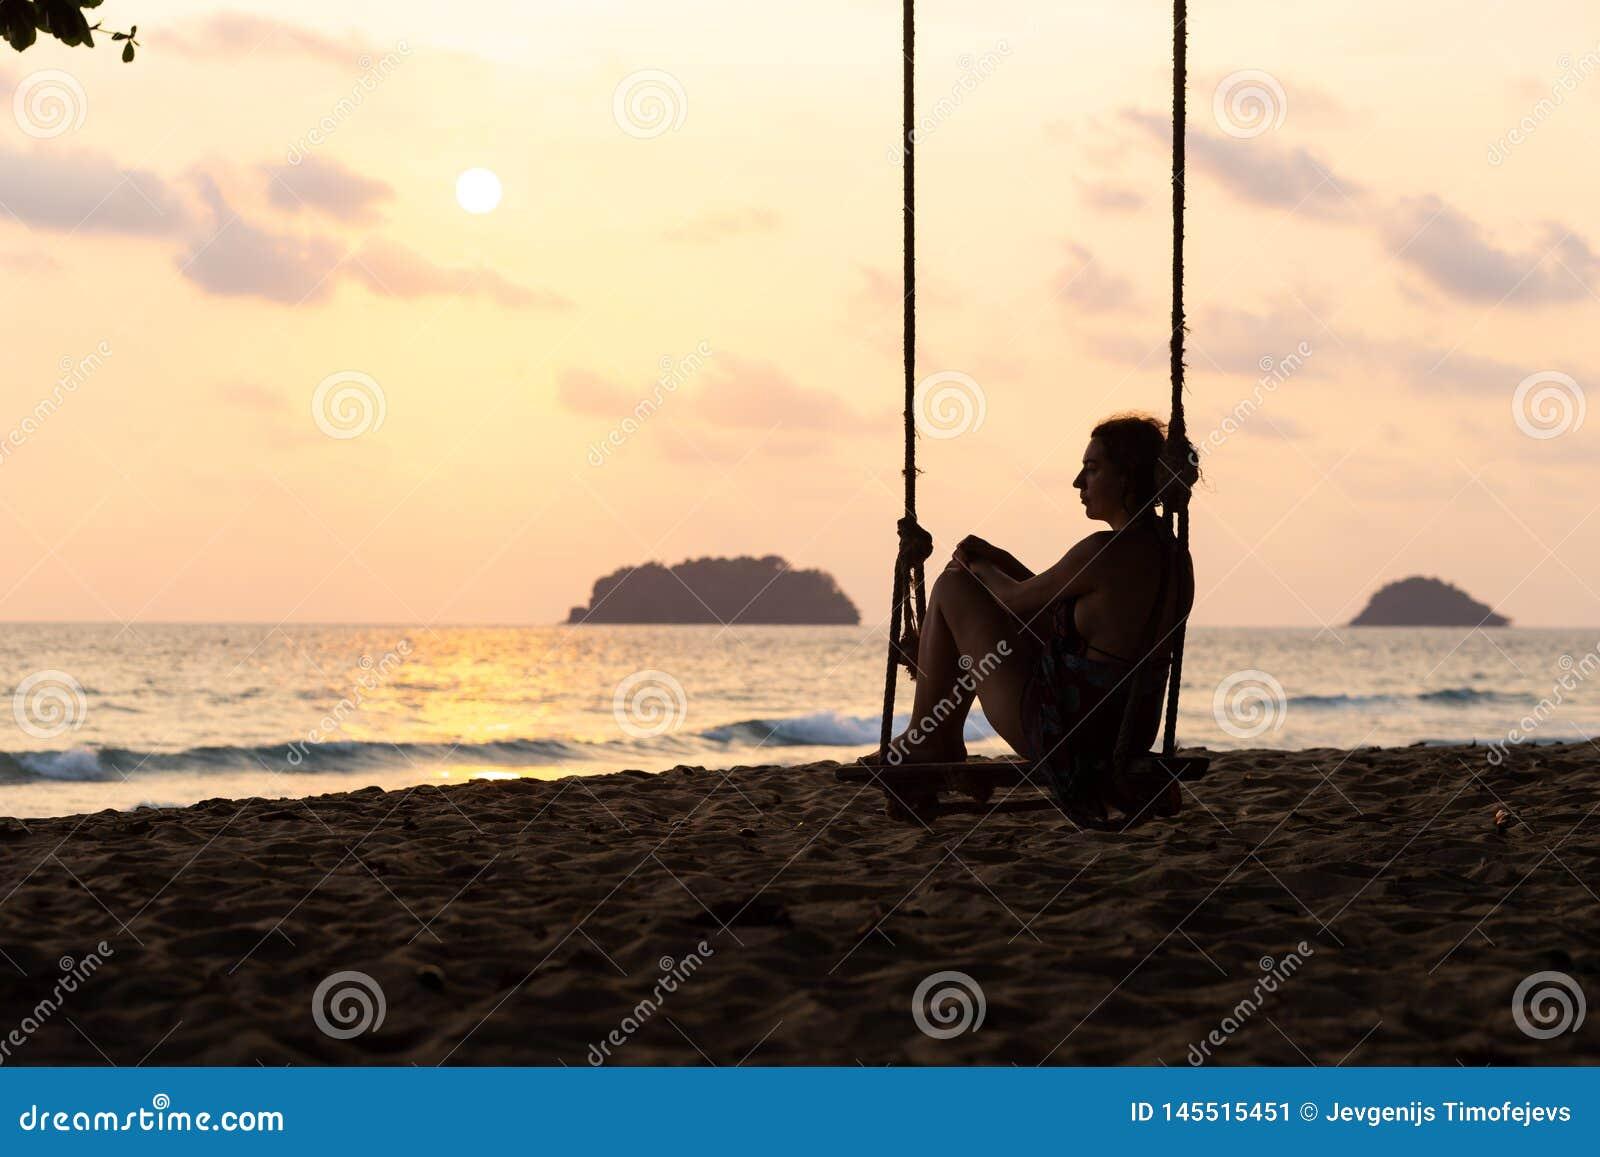 Photo de blog de voyage : Silhouette d une femme dans une robe pendant le coucher du soleil avec une vue au-dessus de mer avec un